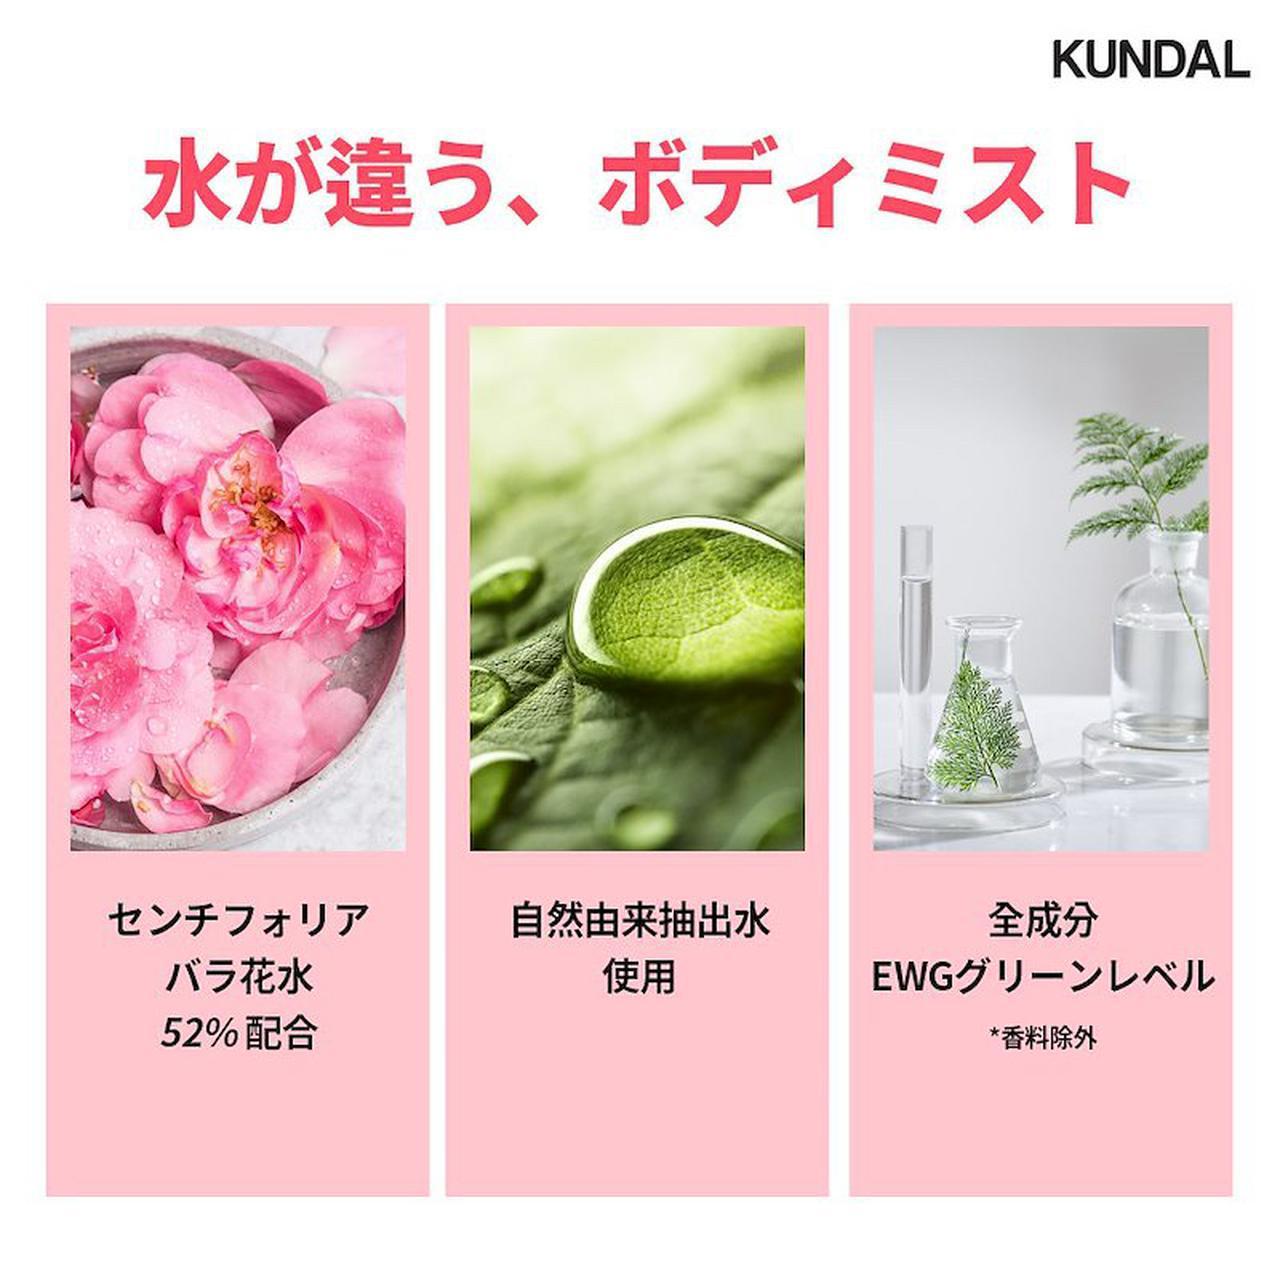 画像3: KUNDAL(クンダル) ピュアボディミスト